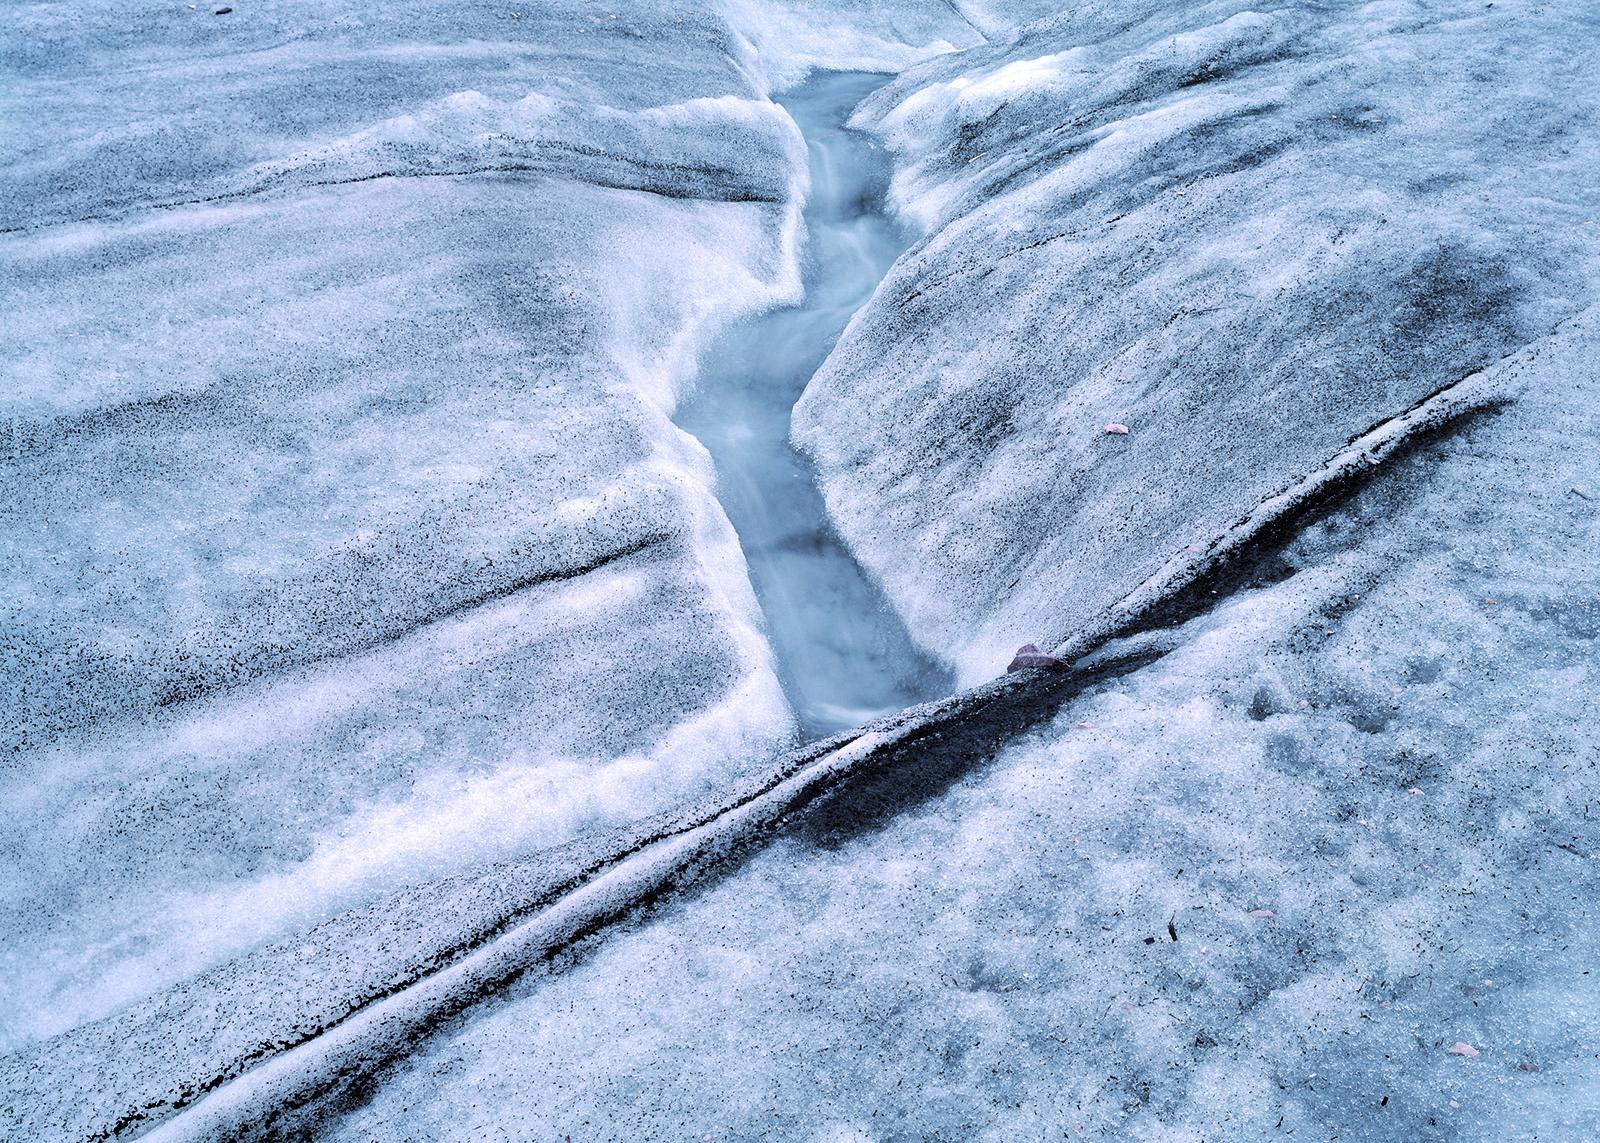 Schmelzwasser läuft eine kleine Rinne entlang.